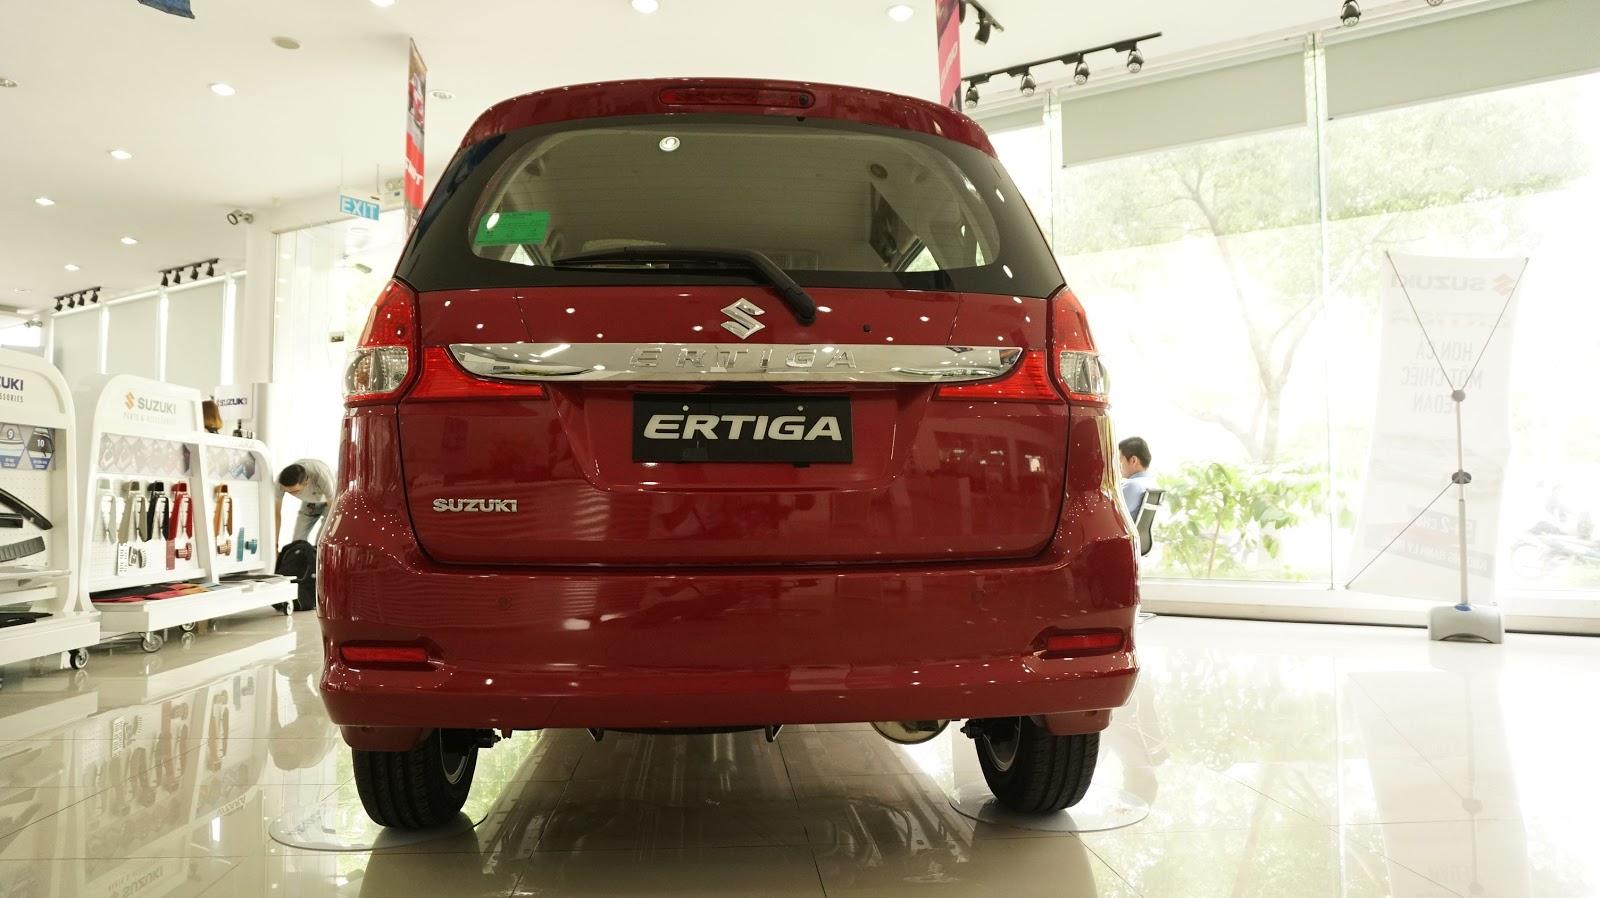 Mặt sau của xe đơn giản, chắc chắn và an toàn với nhiều cảm biến, cửa mở điện